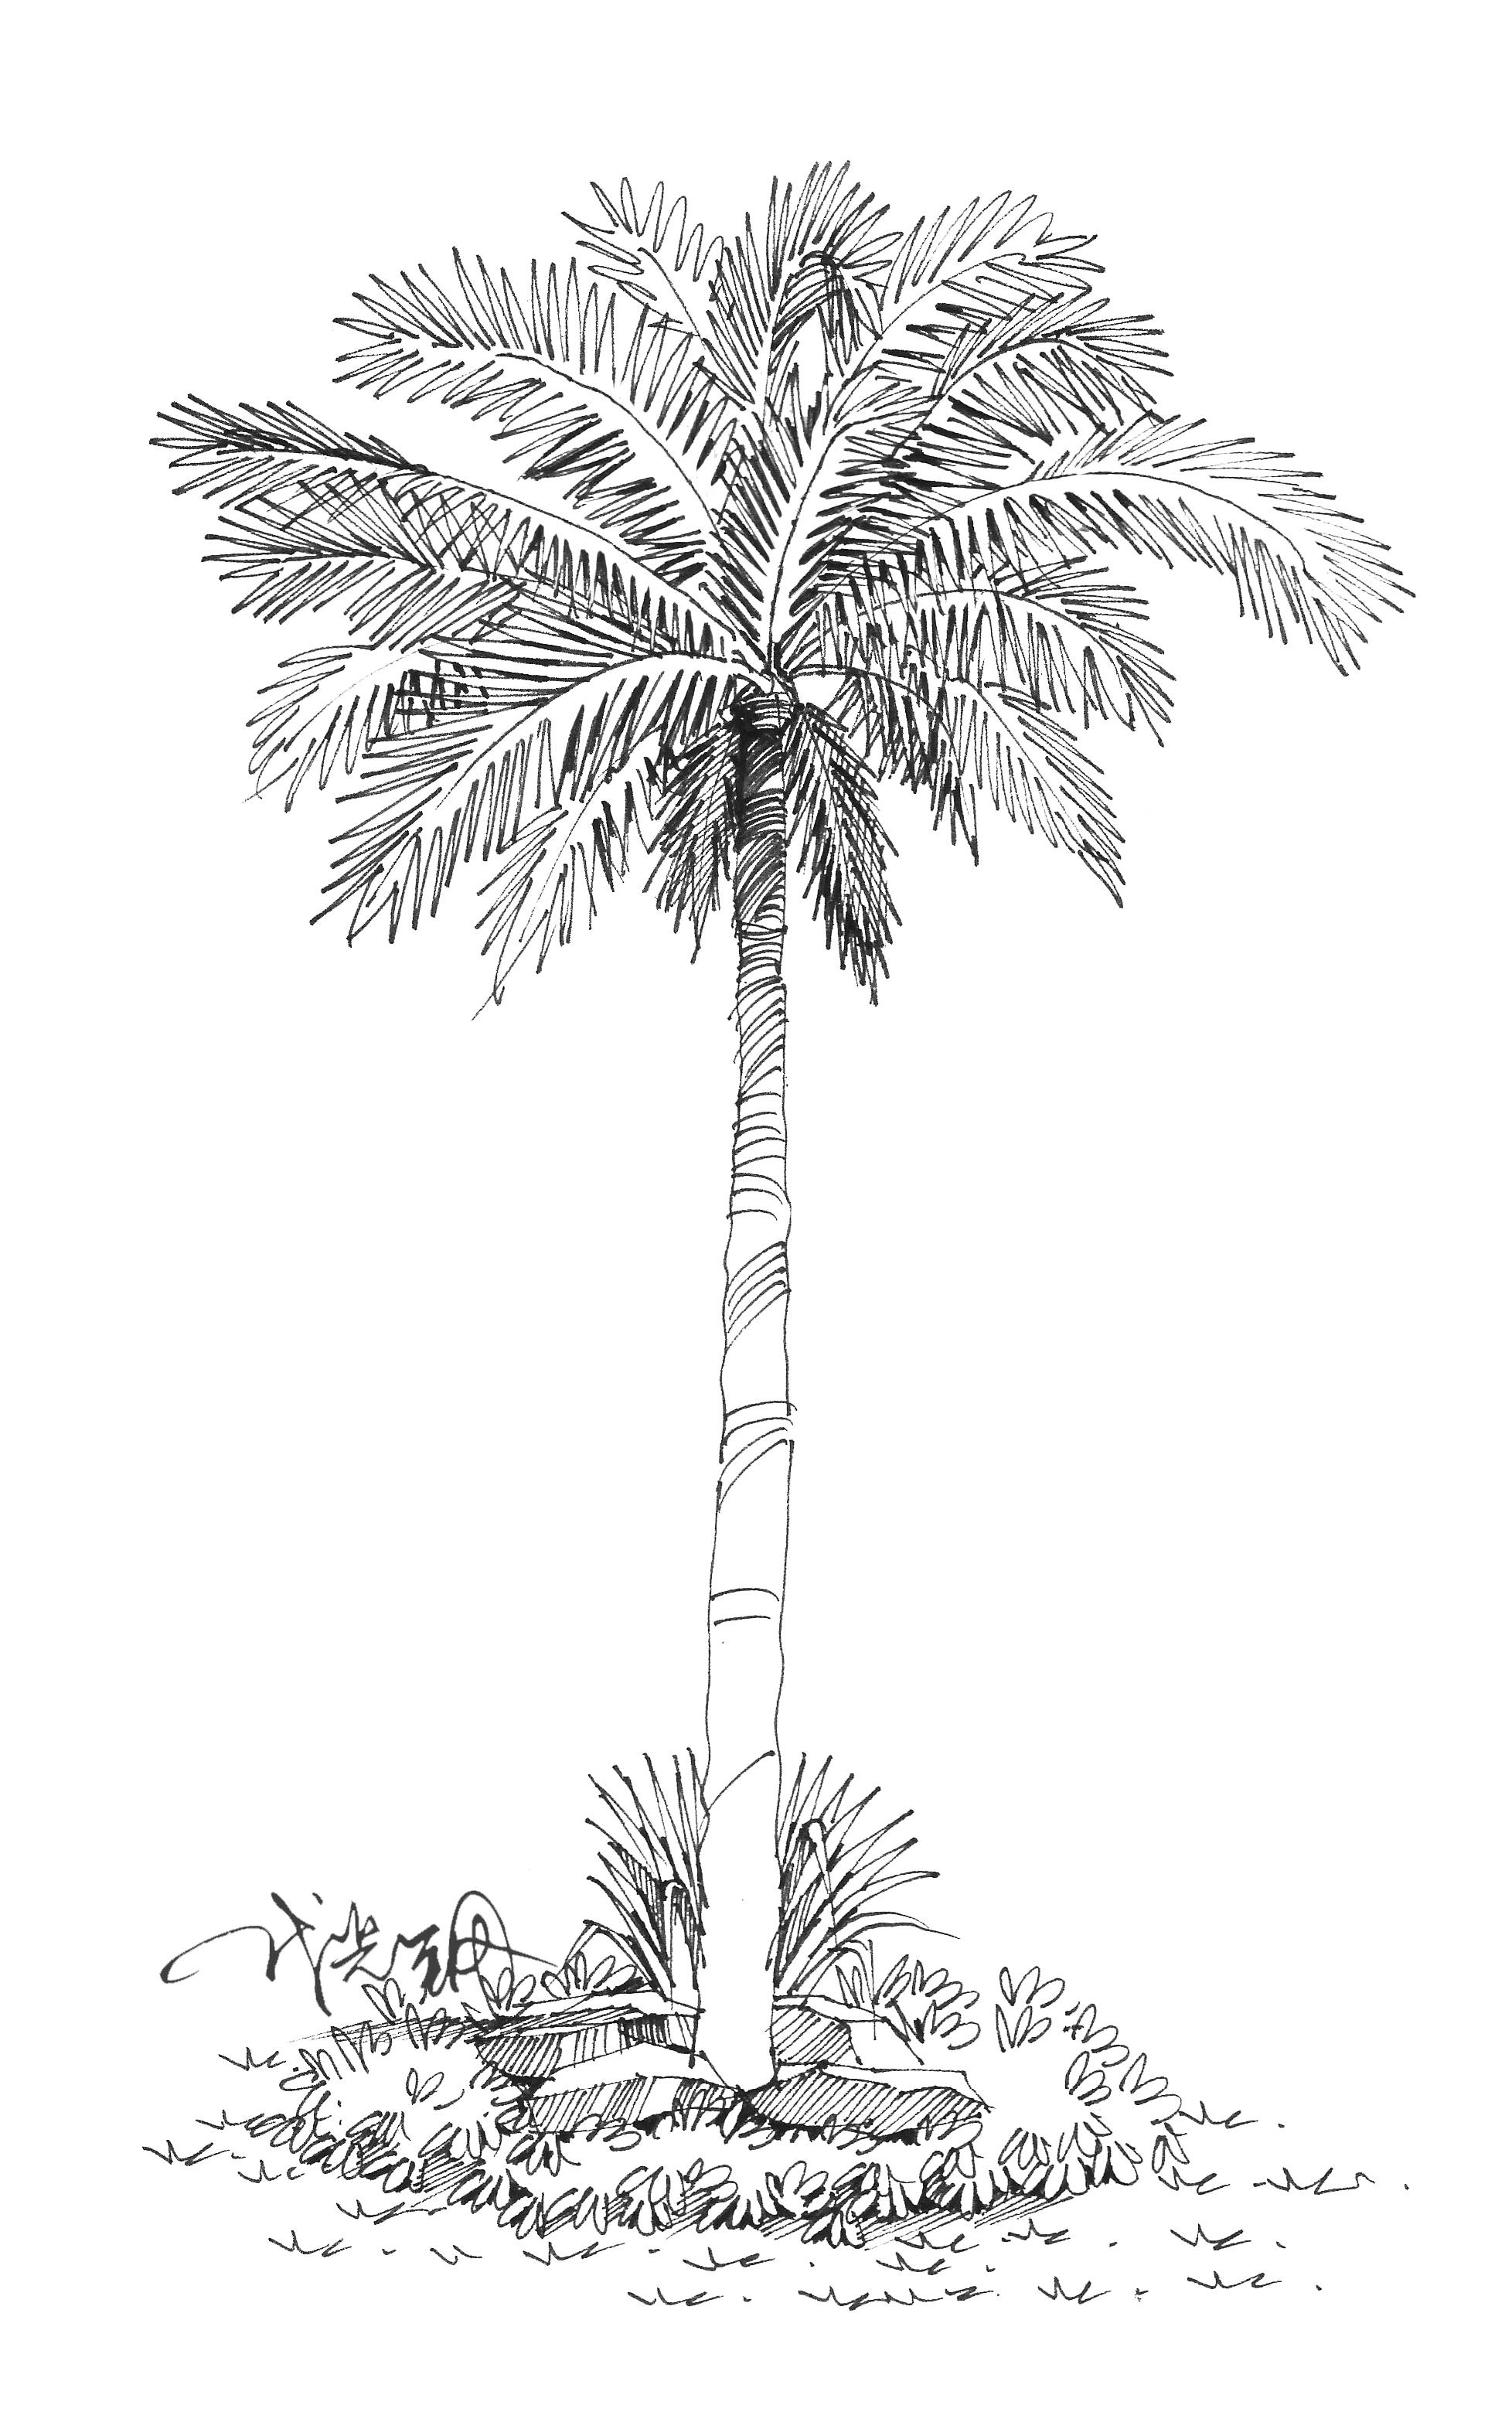 景观设计元素——石头与棕榈的故事